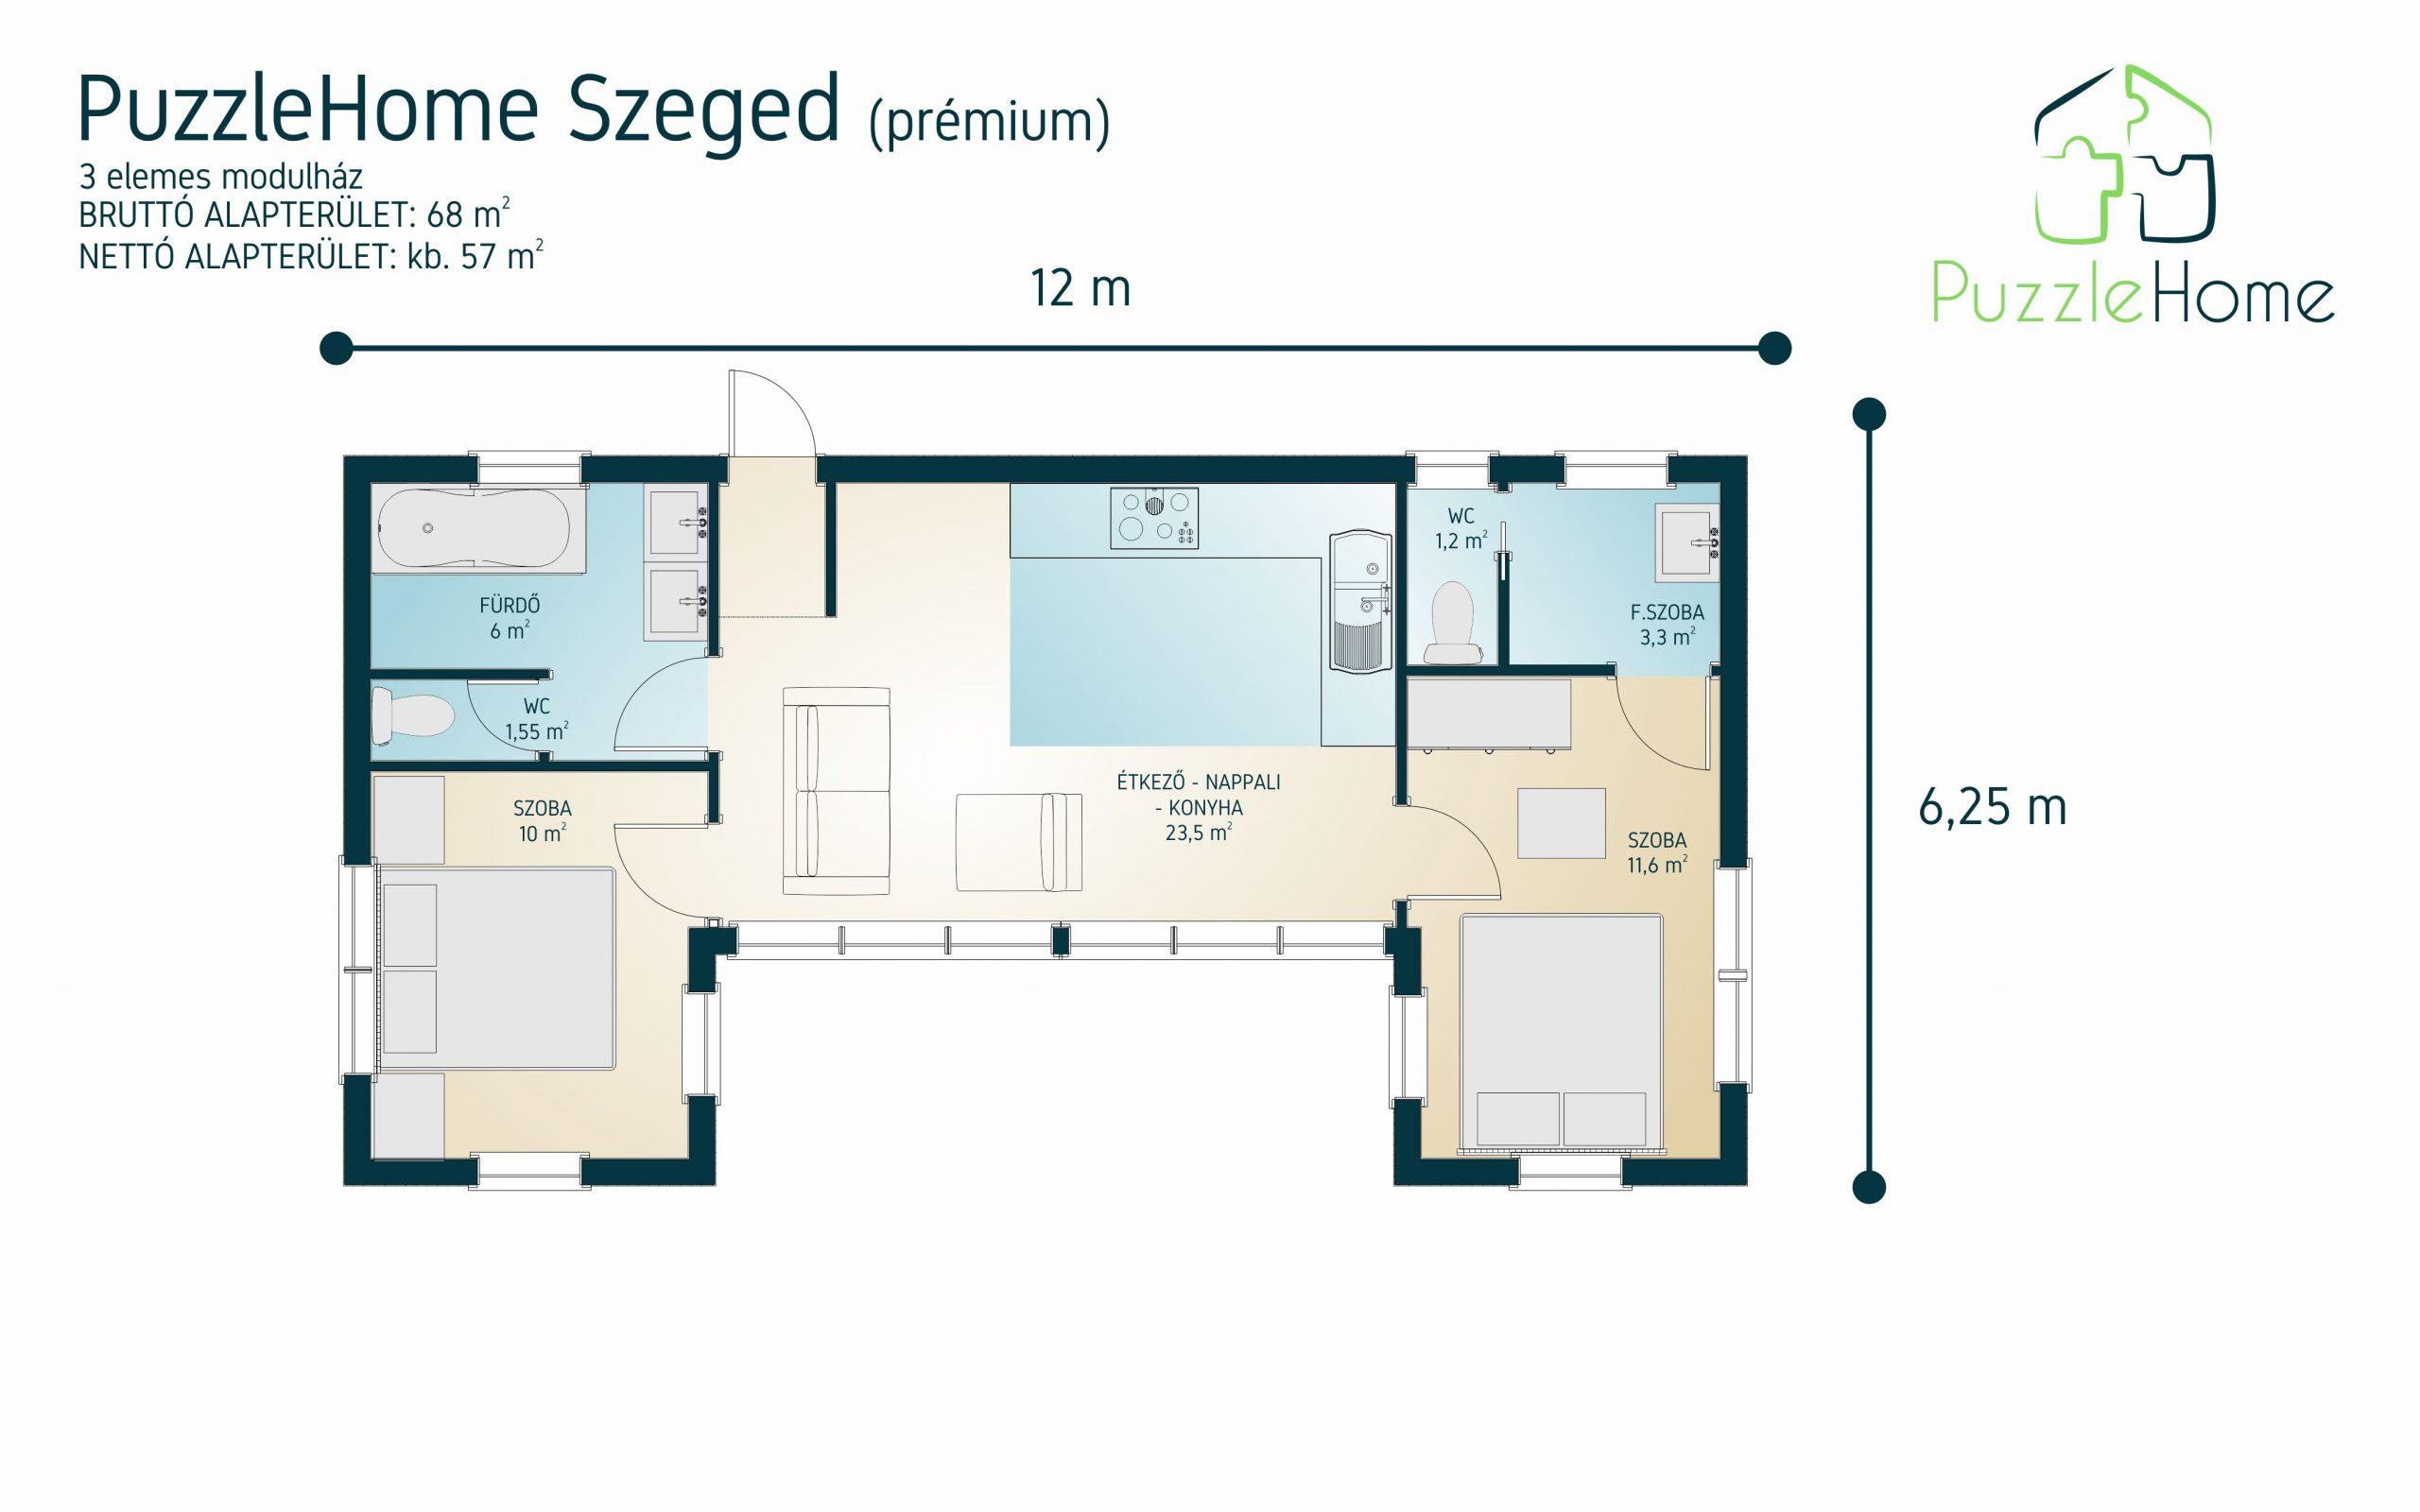 Szeged prémium típusterv alaprajza